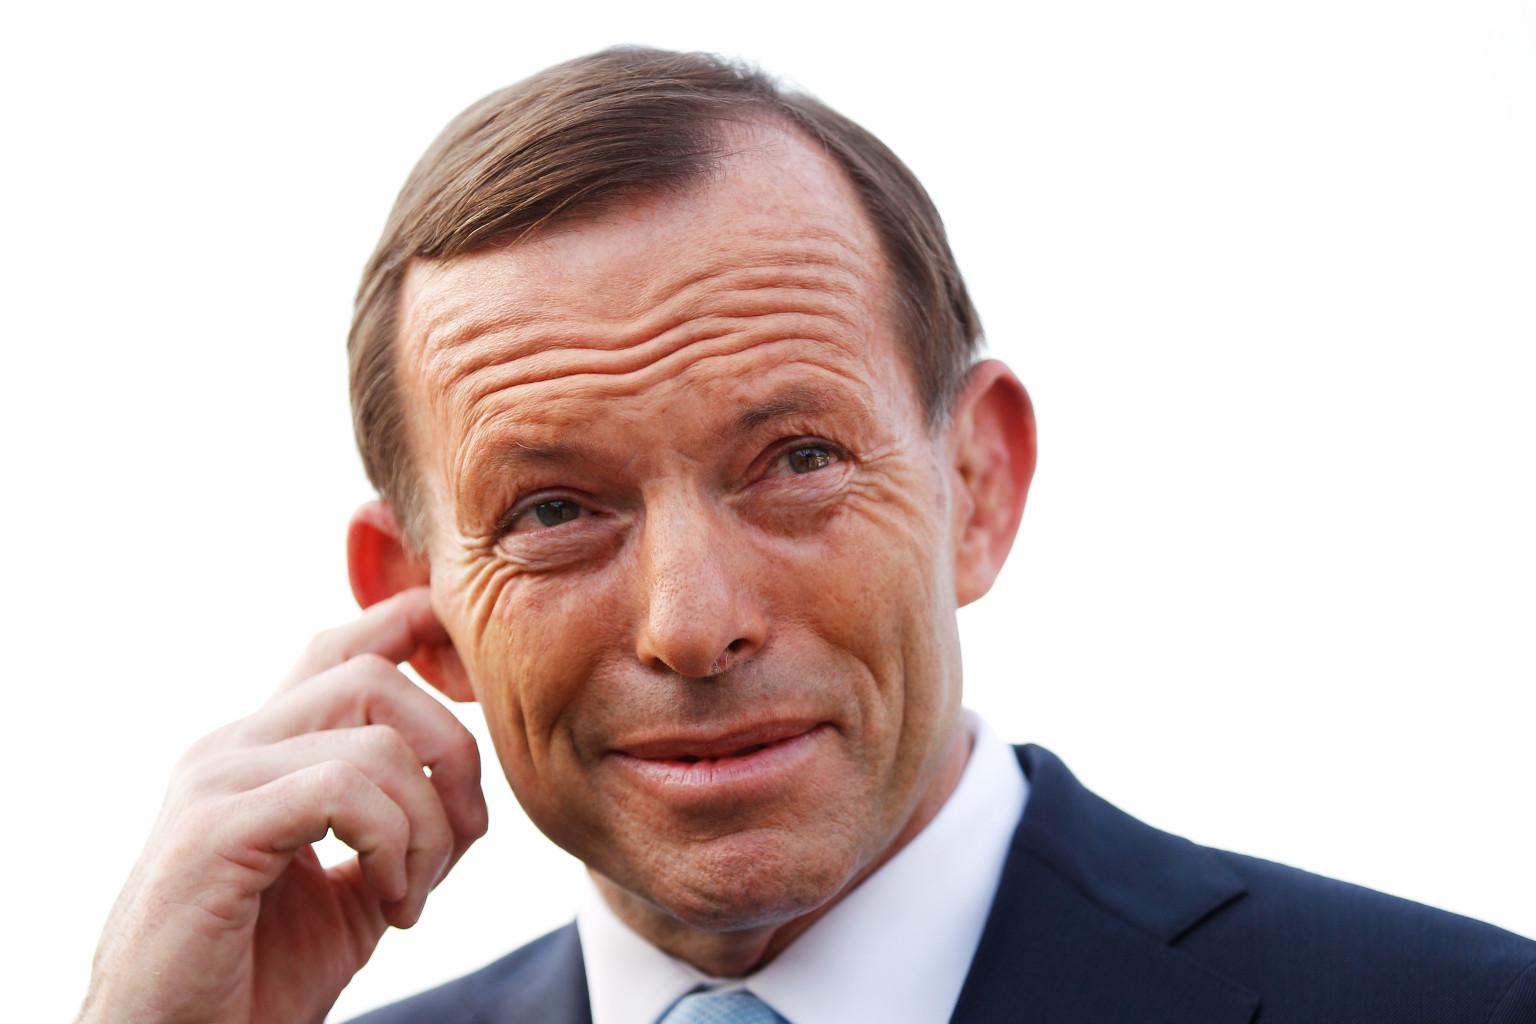 Abbott looking stupid